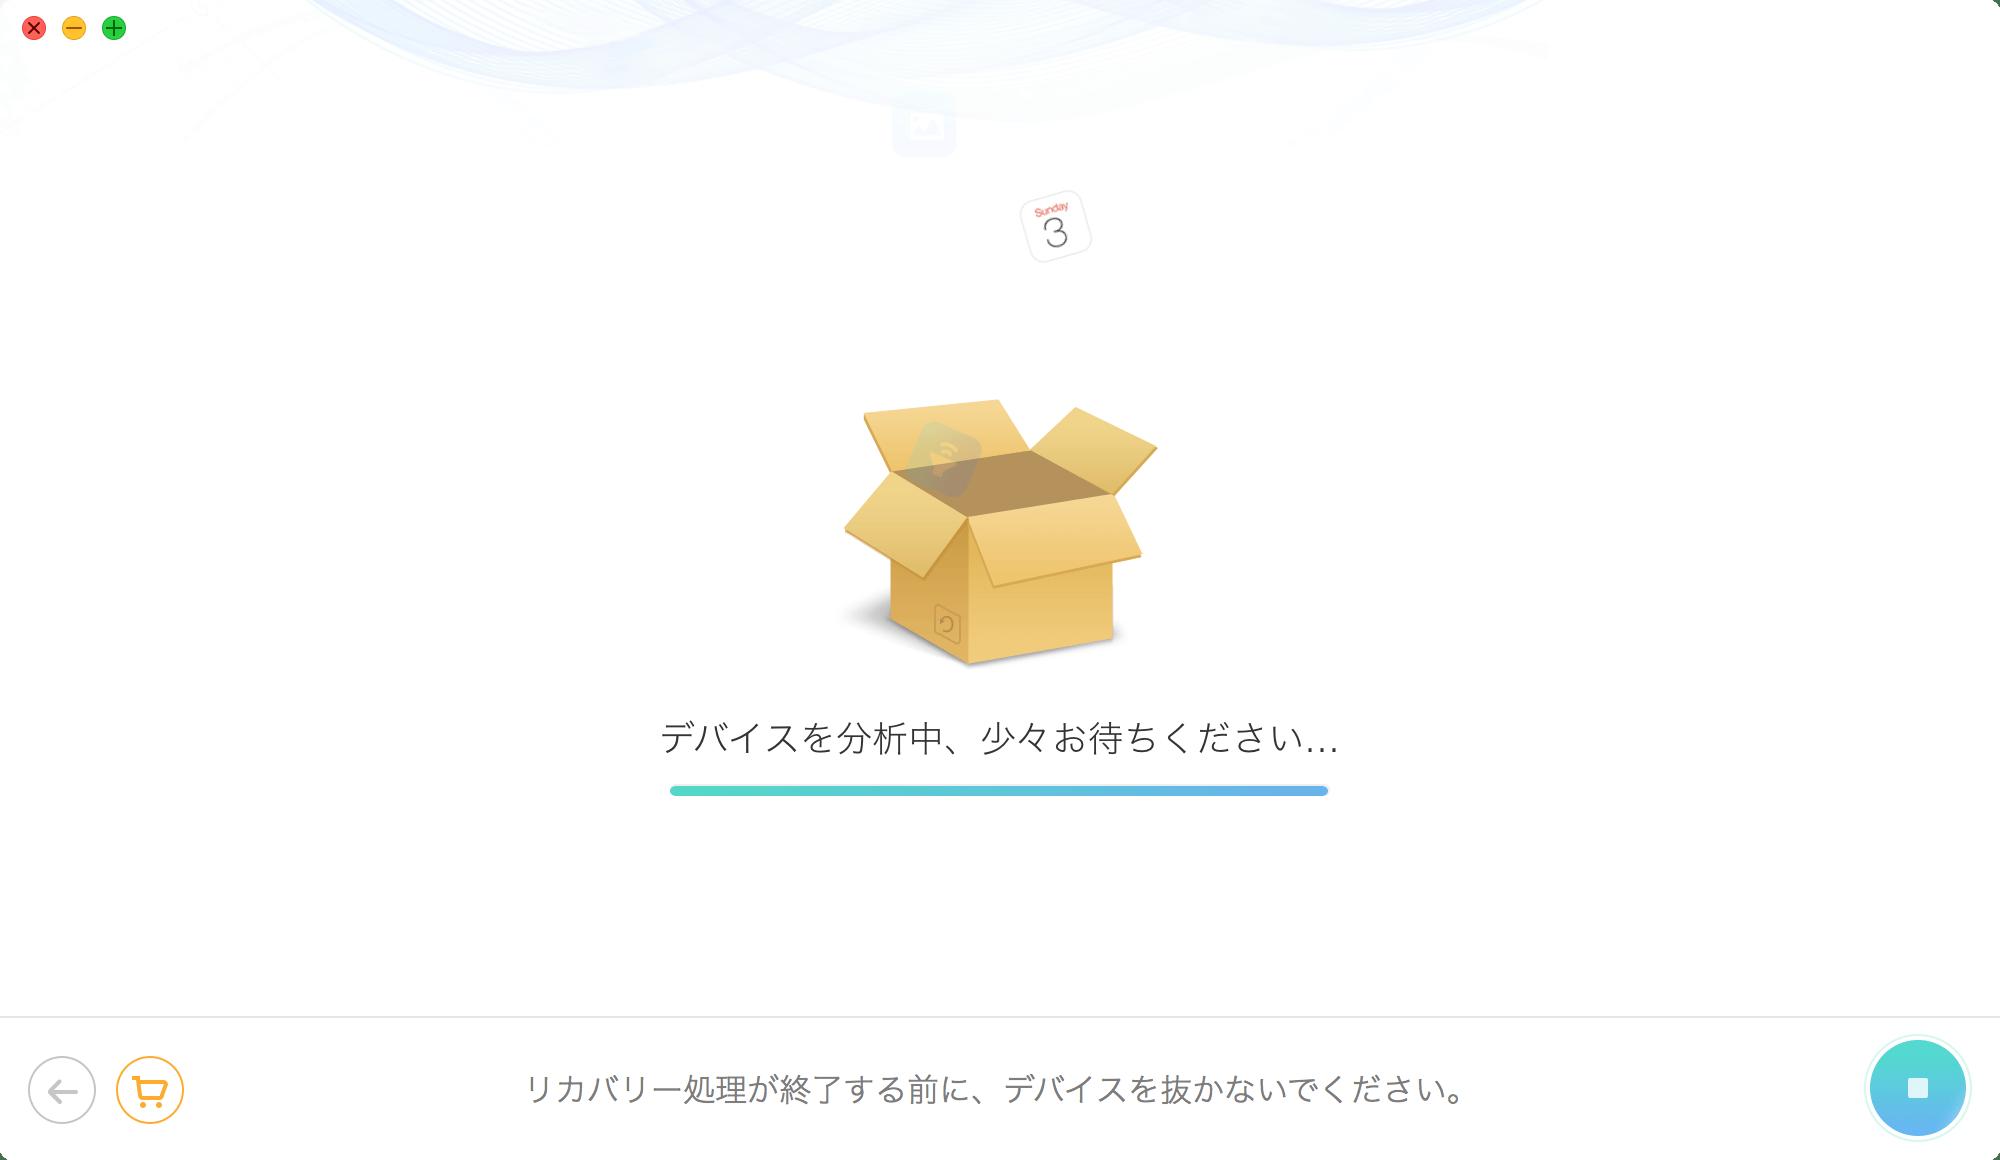 010_20160730-phonerescuere